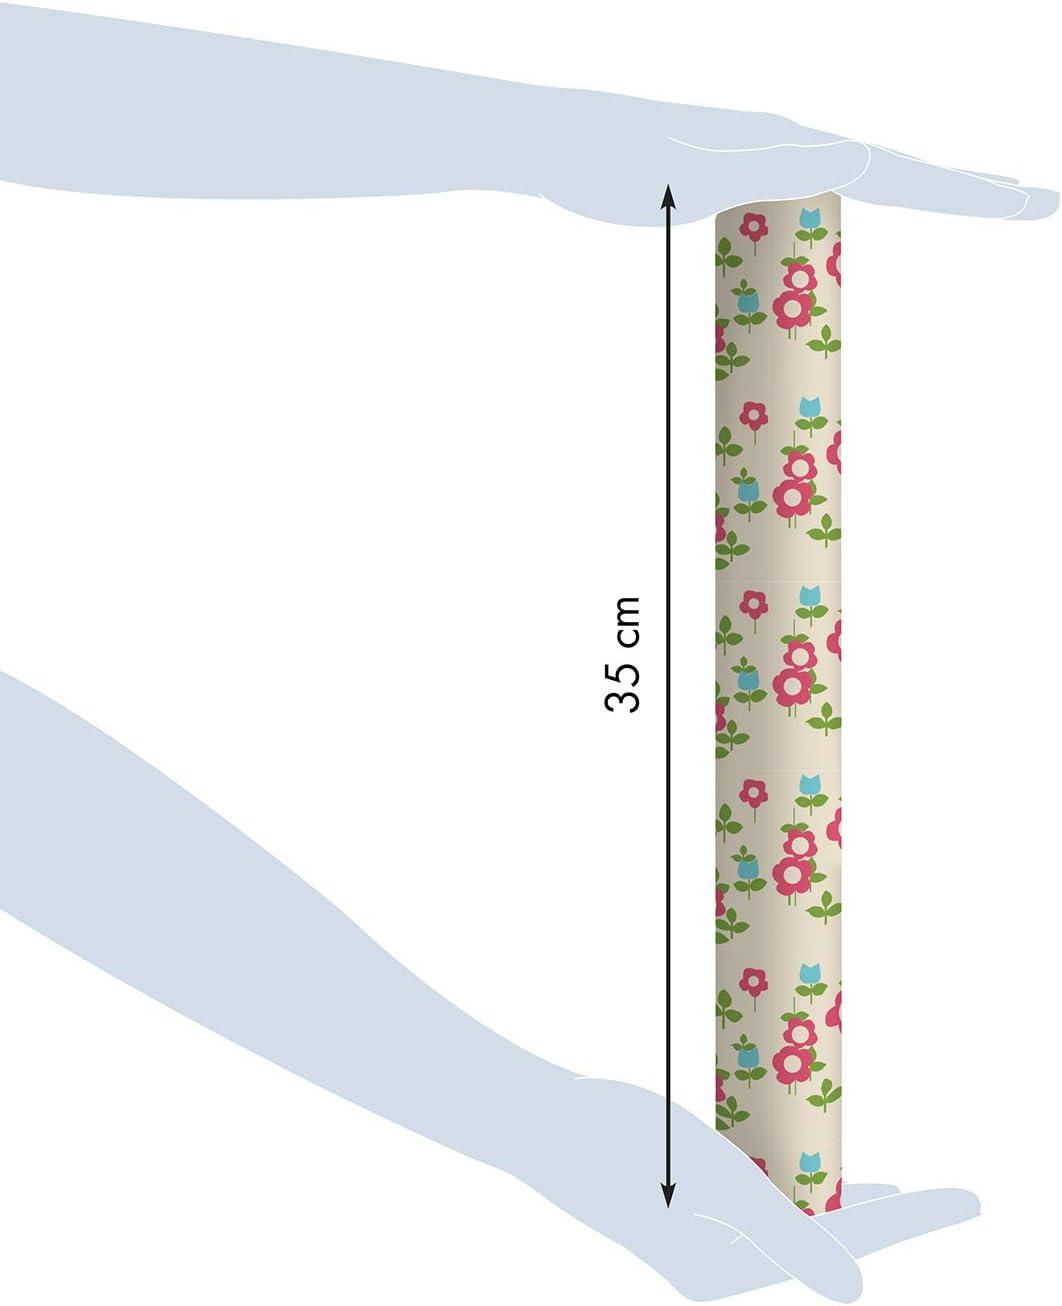 Clairefontaine 223866c Tiny Rolls Rollo De Papel De Regalo 5 M X 35 Cm 80 G Diseño De Flores Rojas Amazon Es Oficina Y Papelería